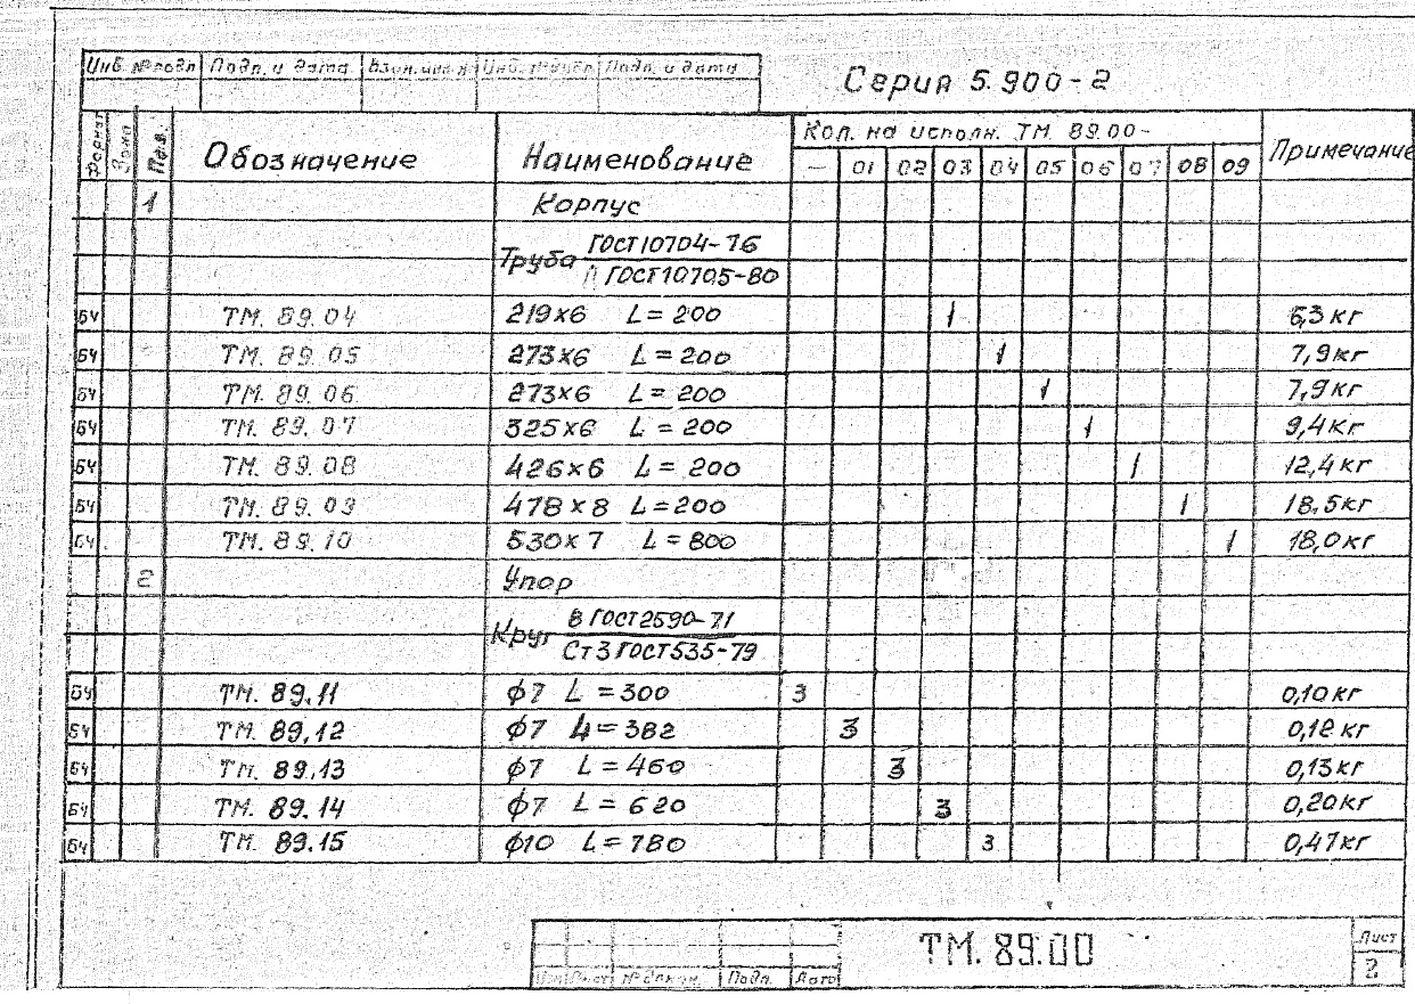 Сальники набивные ТМ.89.00 серия 5.900-2 стр.3